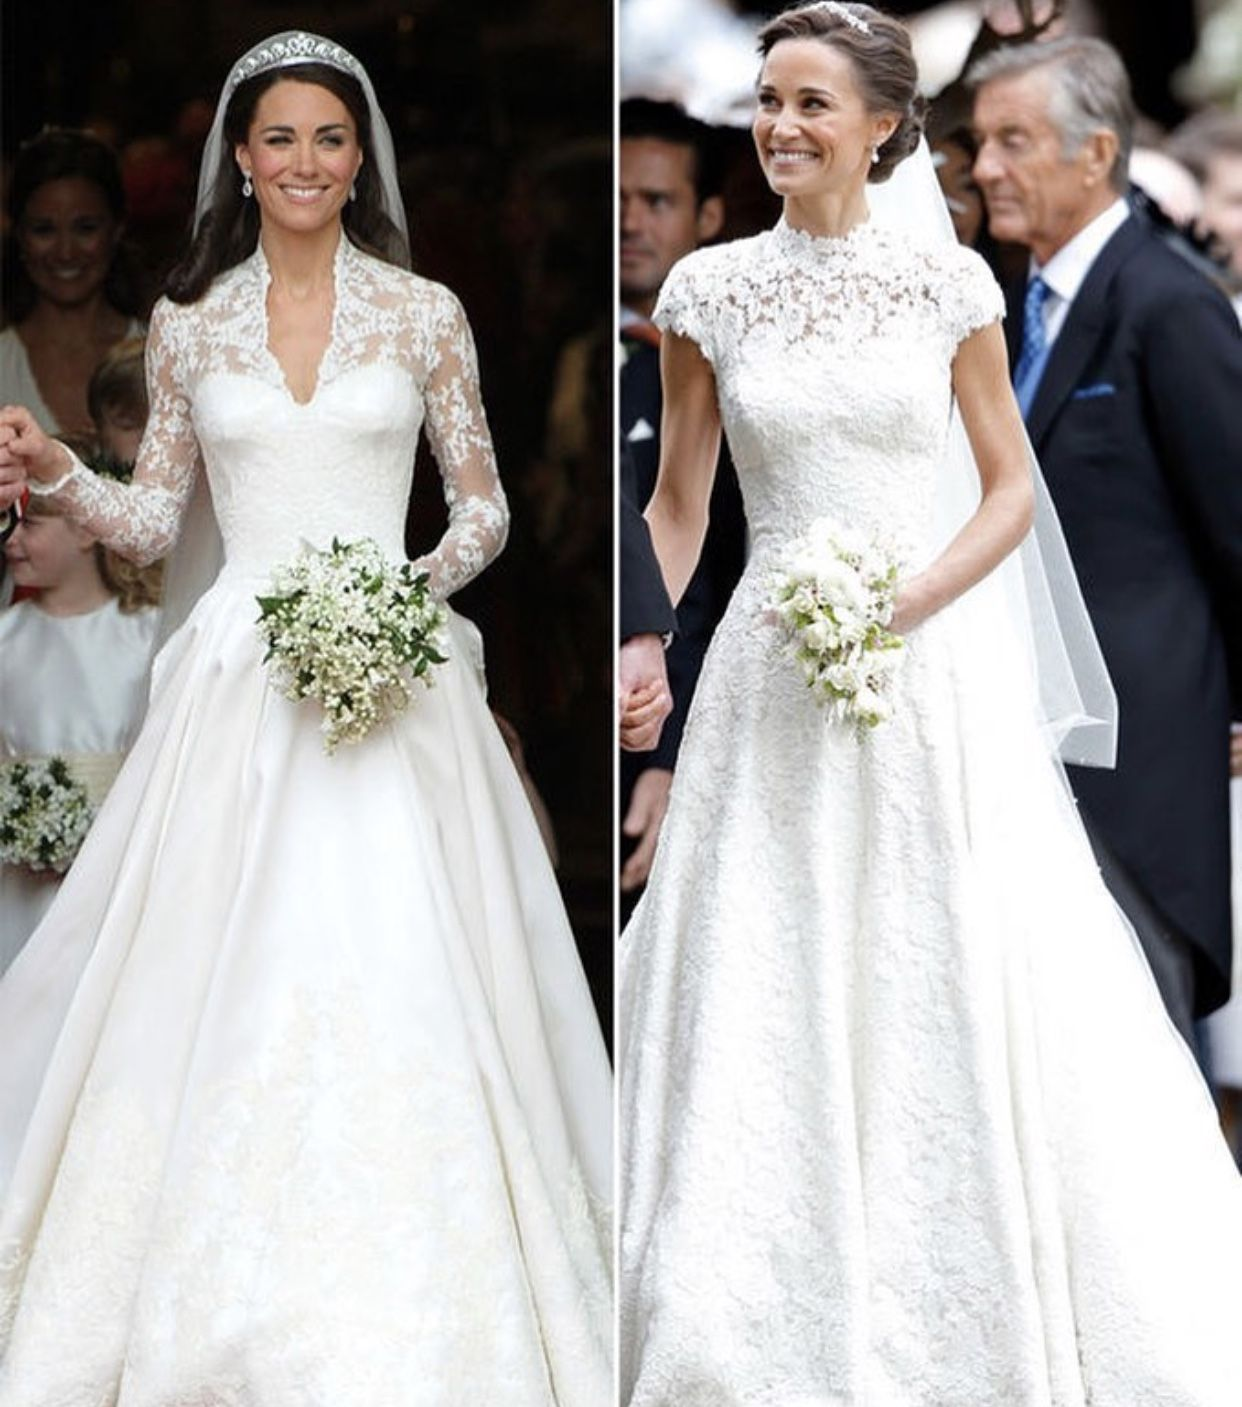 Pin By Mehmet Cosar On Resim Kate Wedding Dress Kate Middleton